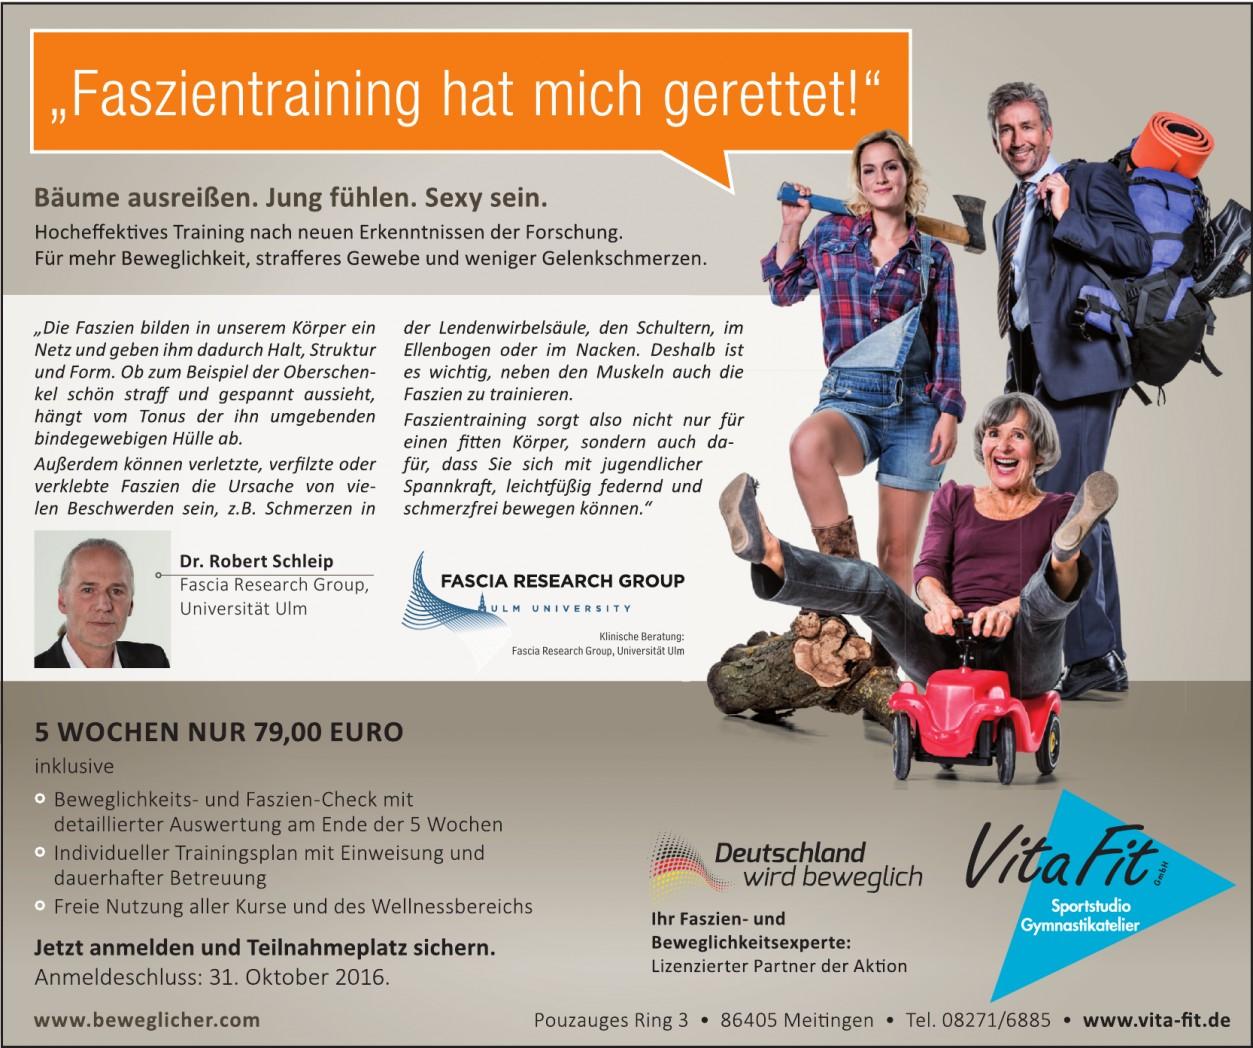 VitaFit GmbH Sportstudio